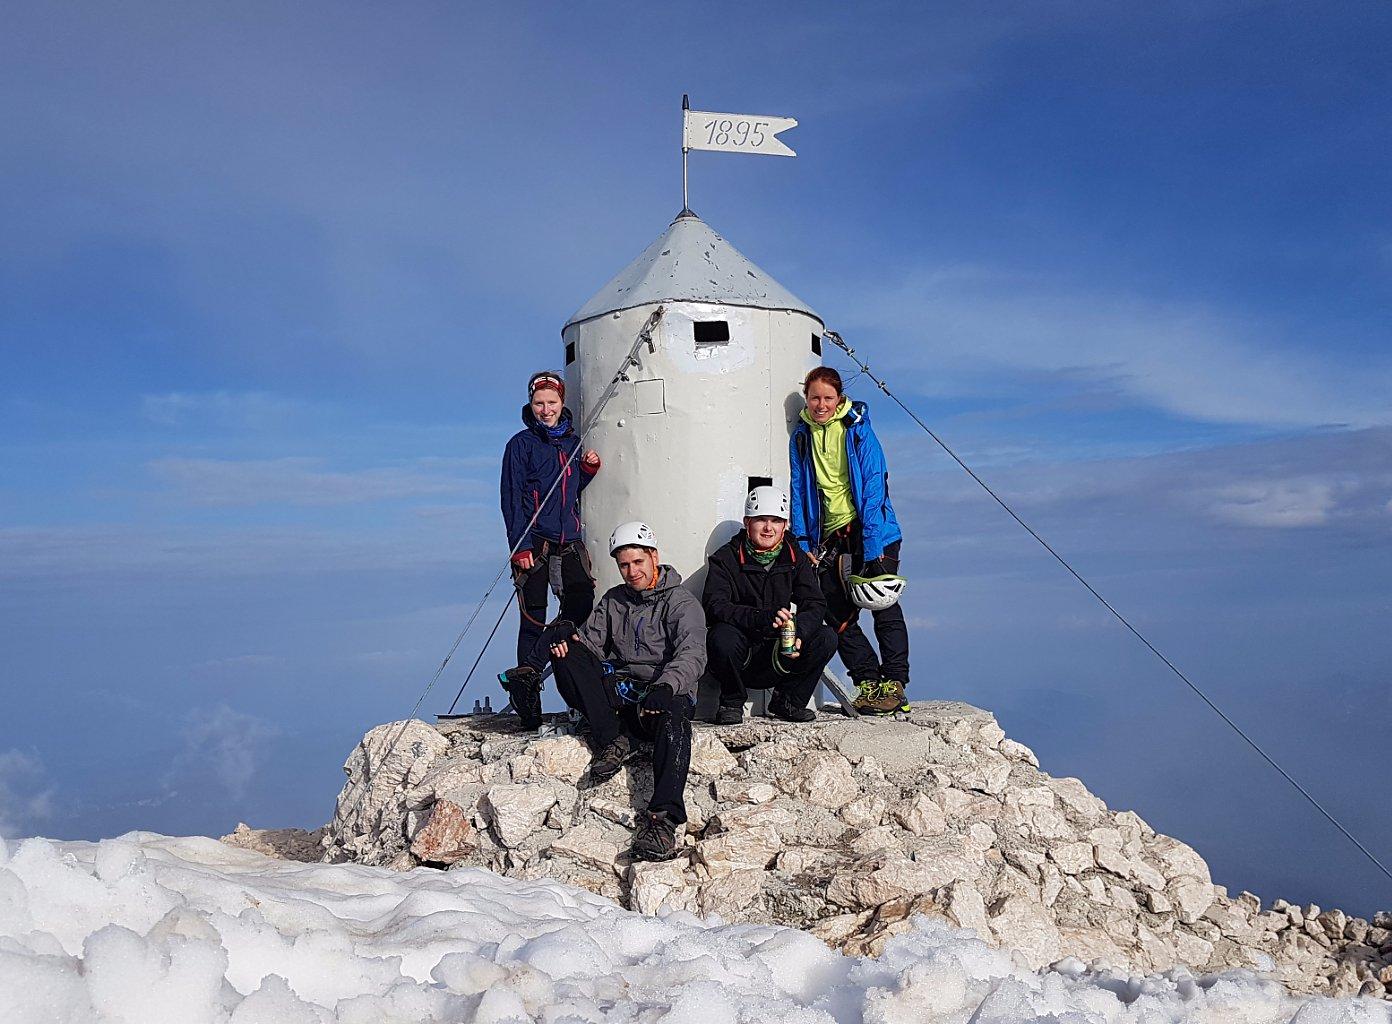 Zrzatica na vrcholu Triglav (16.6.2018 17:00)